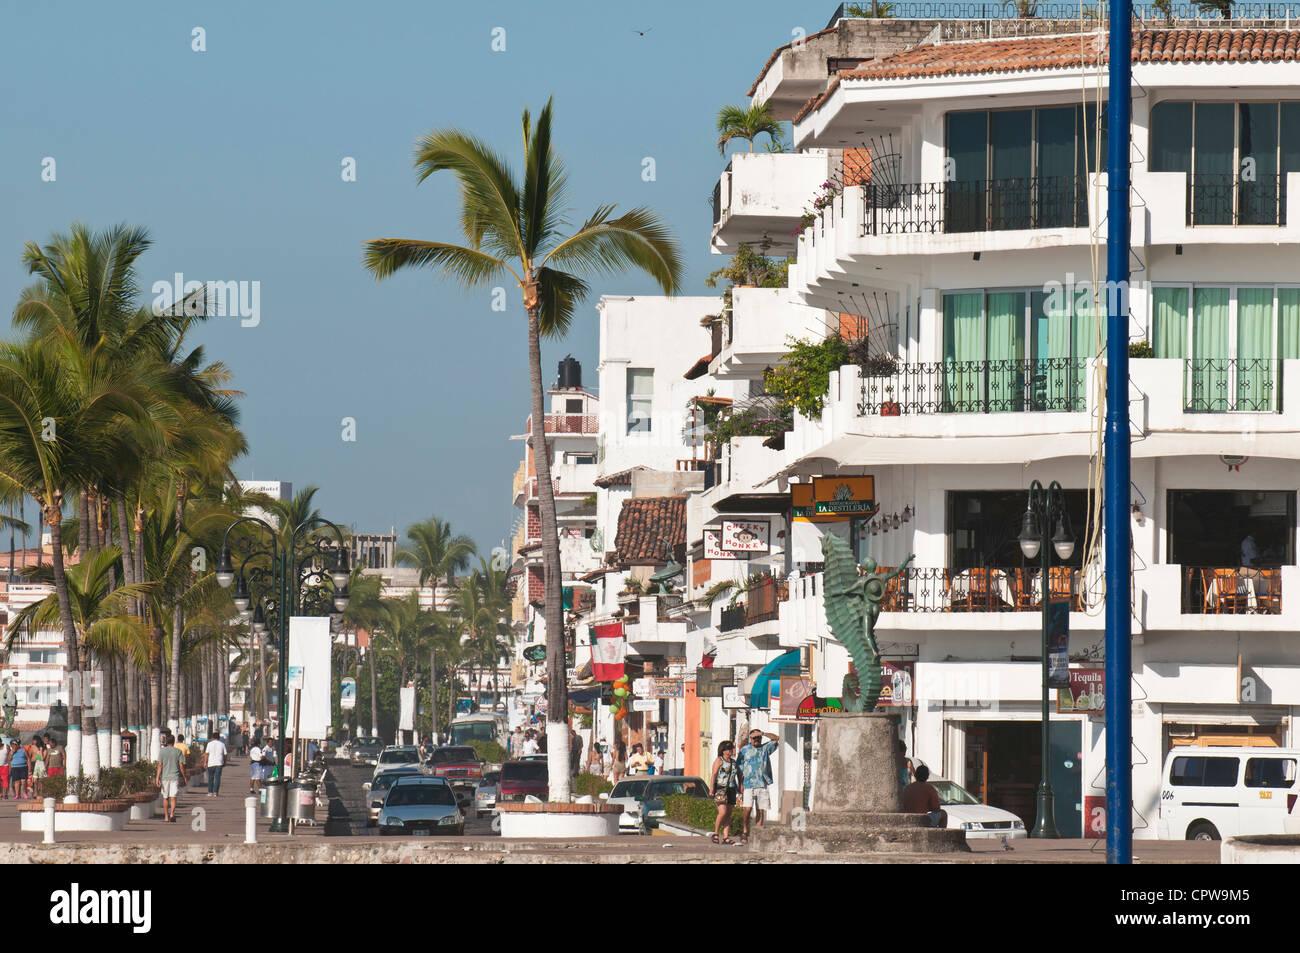 puerto vallarta swingers scene